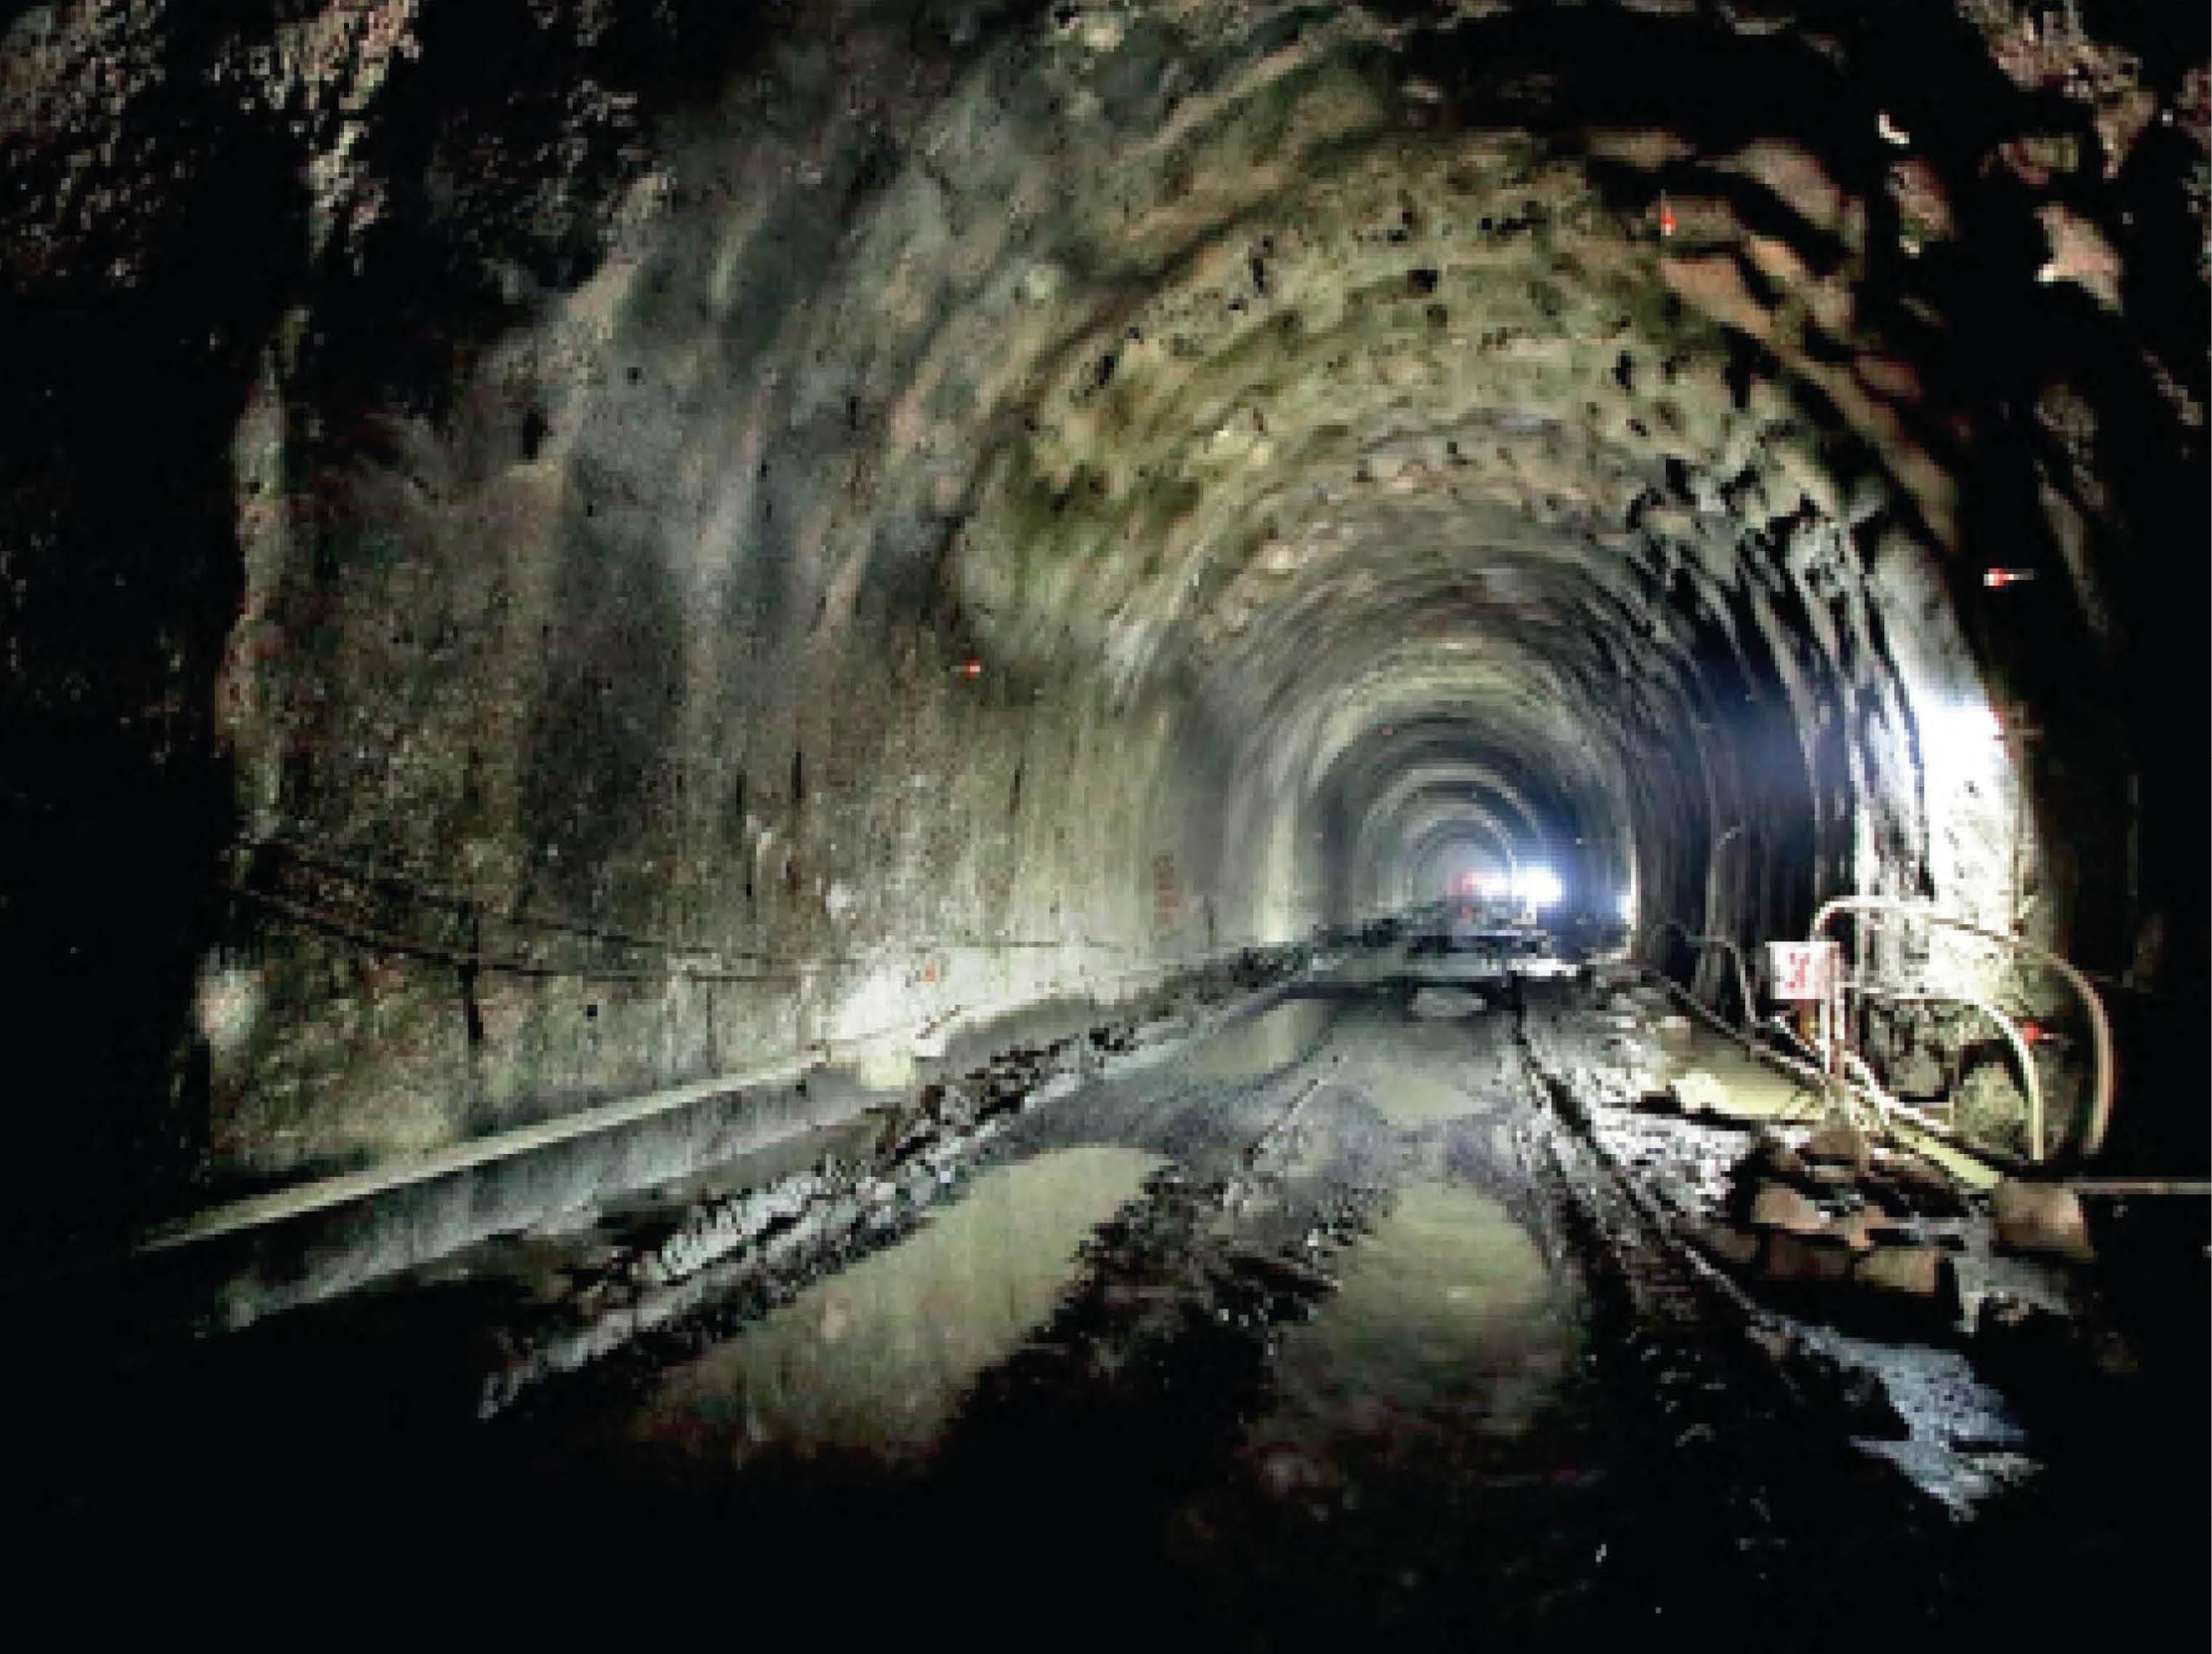 1640 करोड़ की इंदौर-दाहोद लाइन पर 847 करोड़ खर्च, 200 किमी लाइन के 37 किमी में काम हुआ, वह भी अधूरा|इंदौर,Indore - Dainik Bhaskar